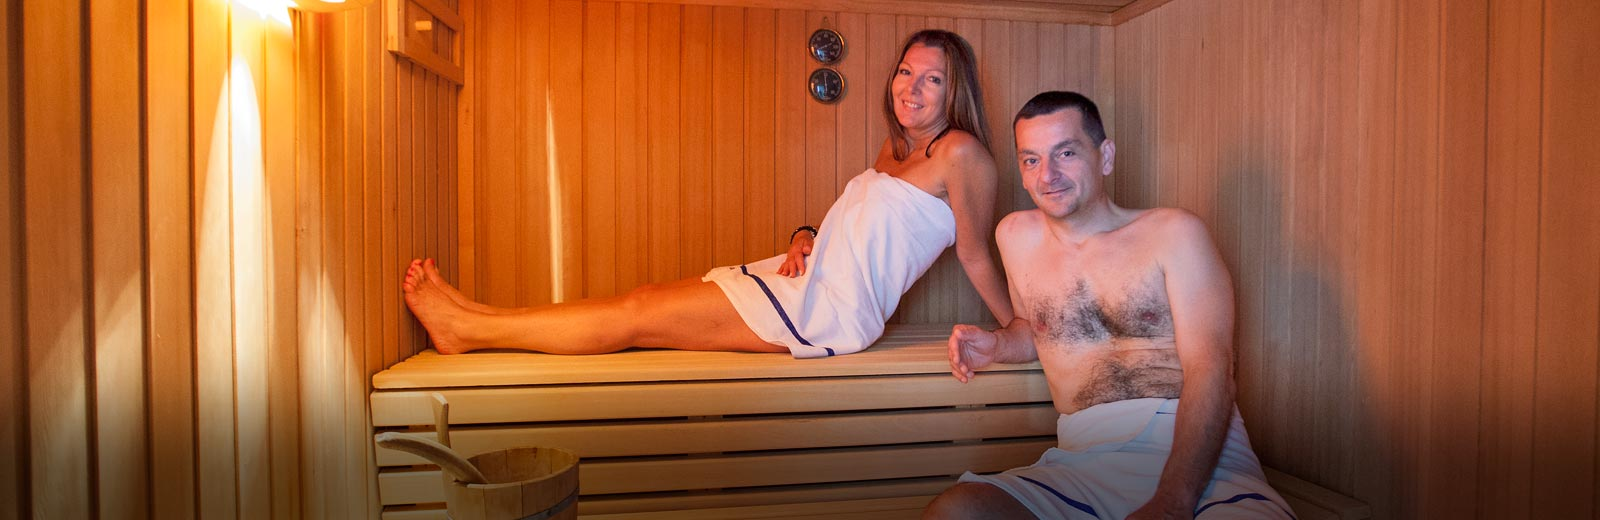 sauna-paar